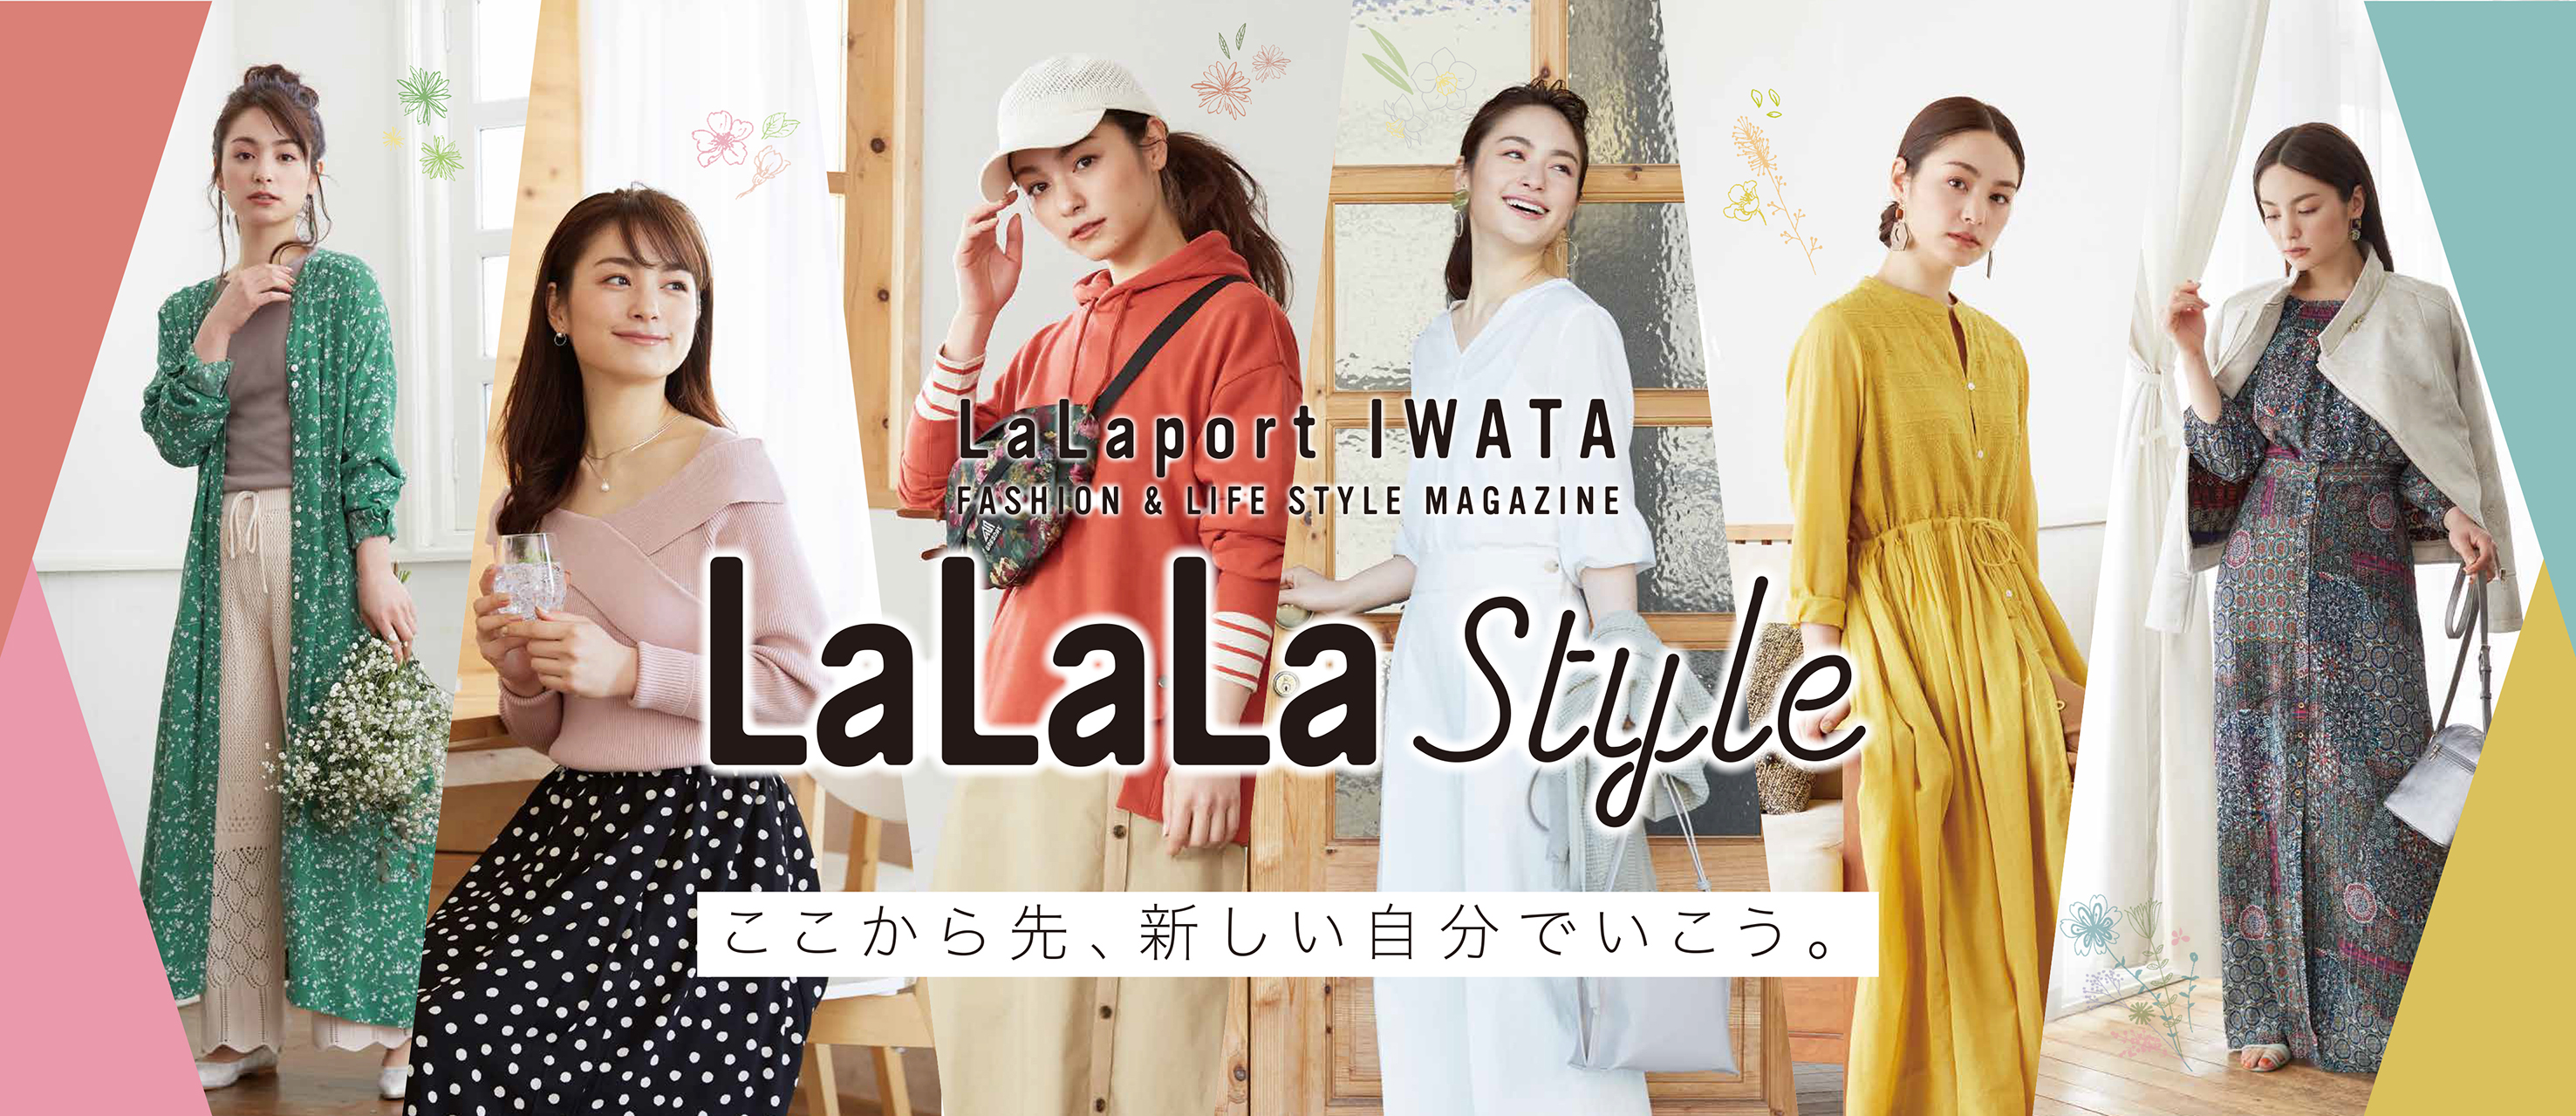 LaLaLaStyle (volume 10)